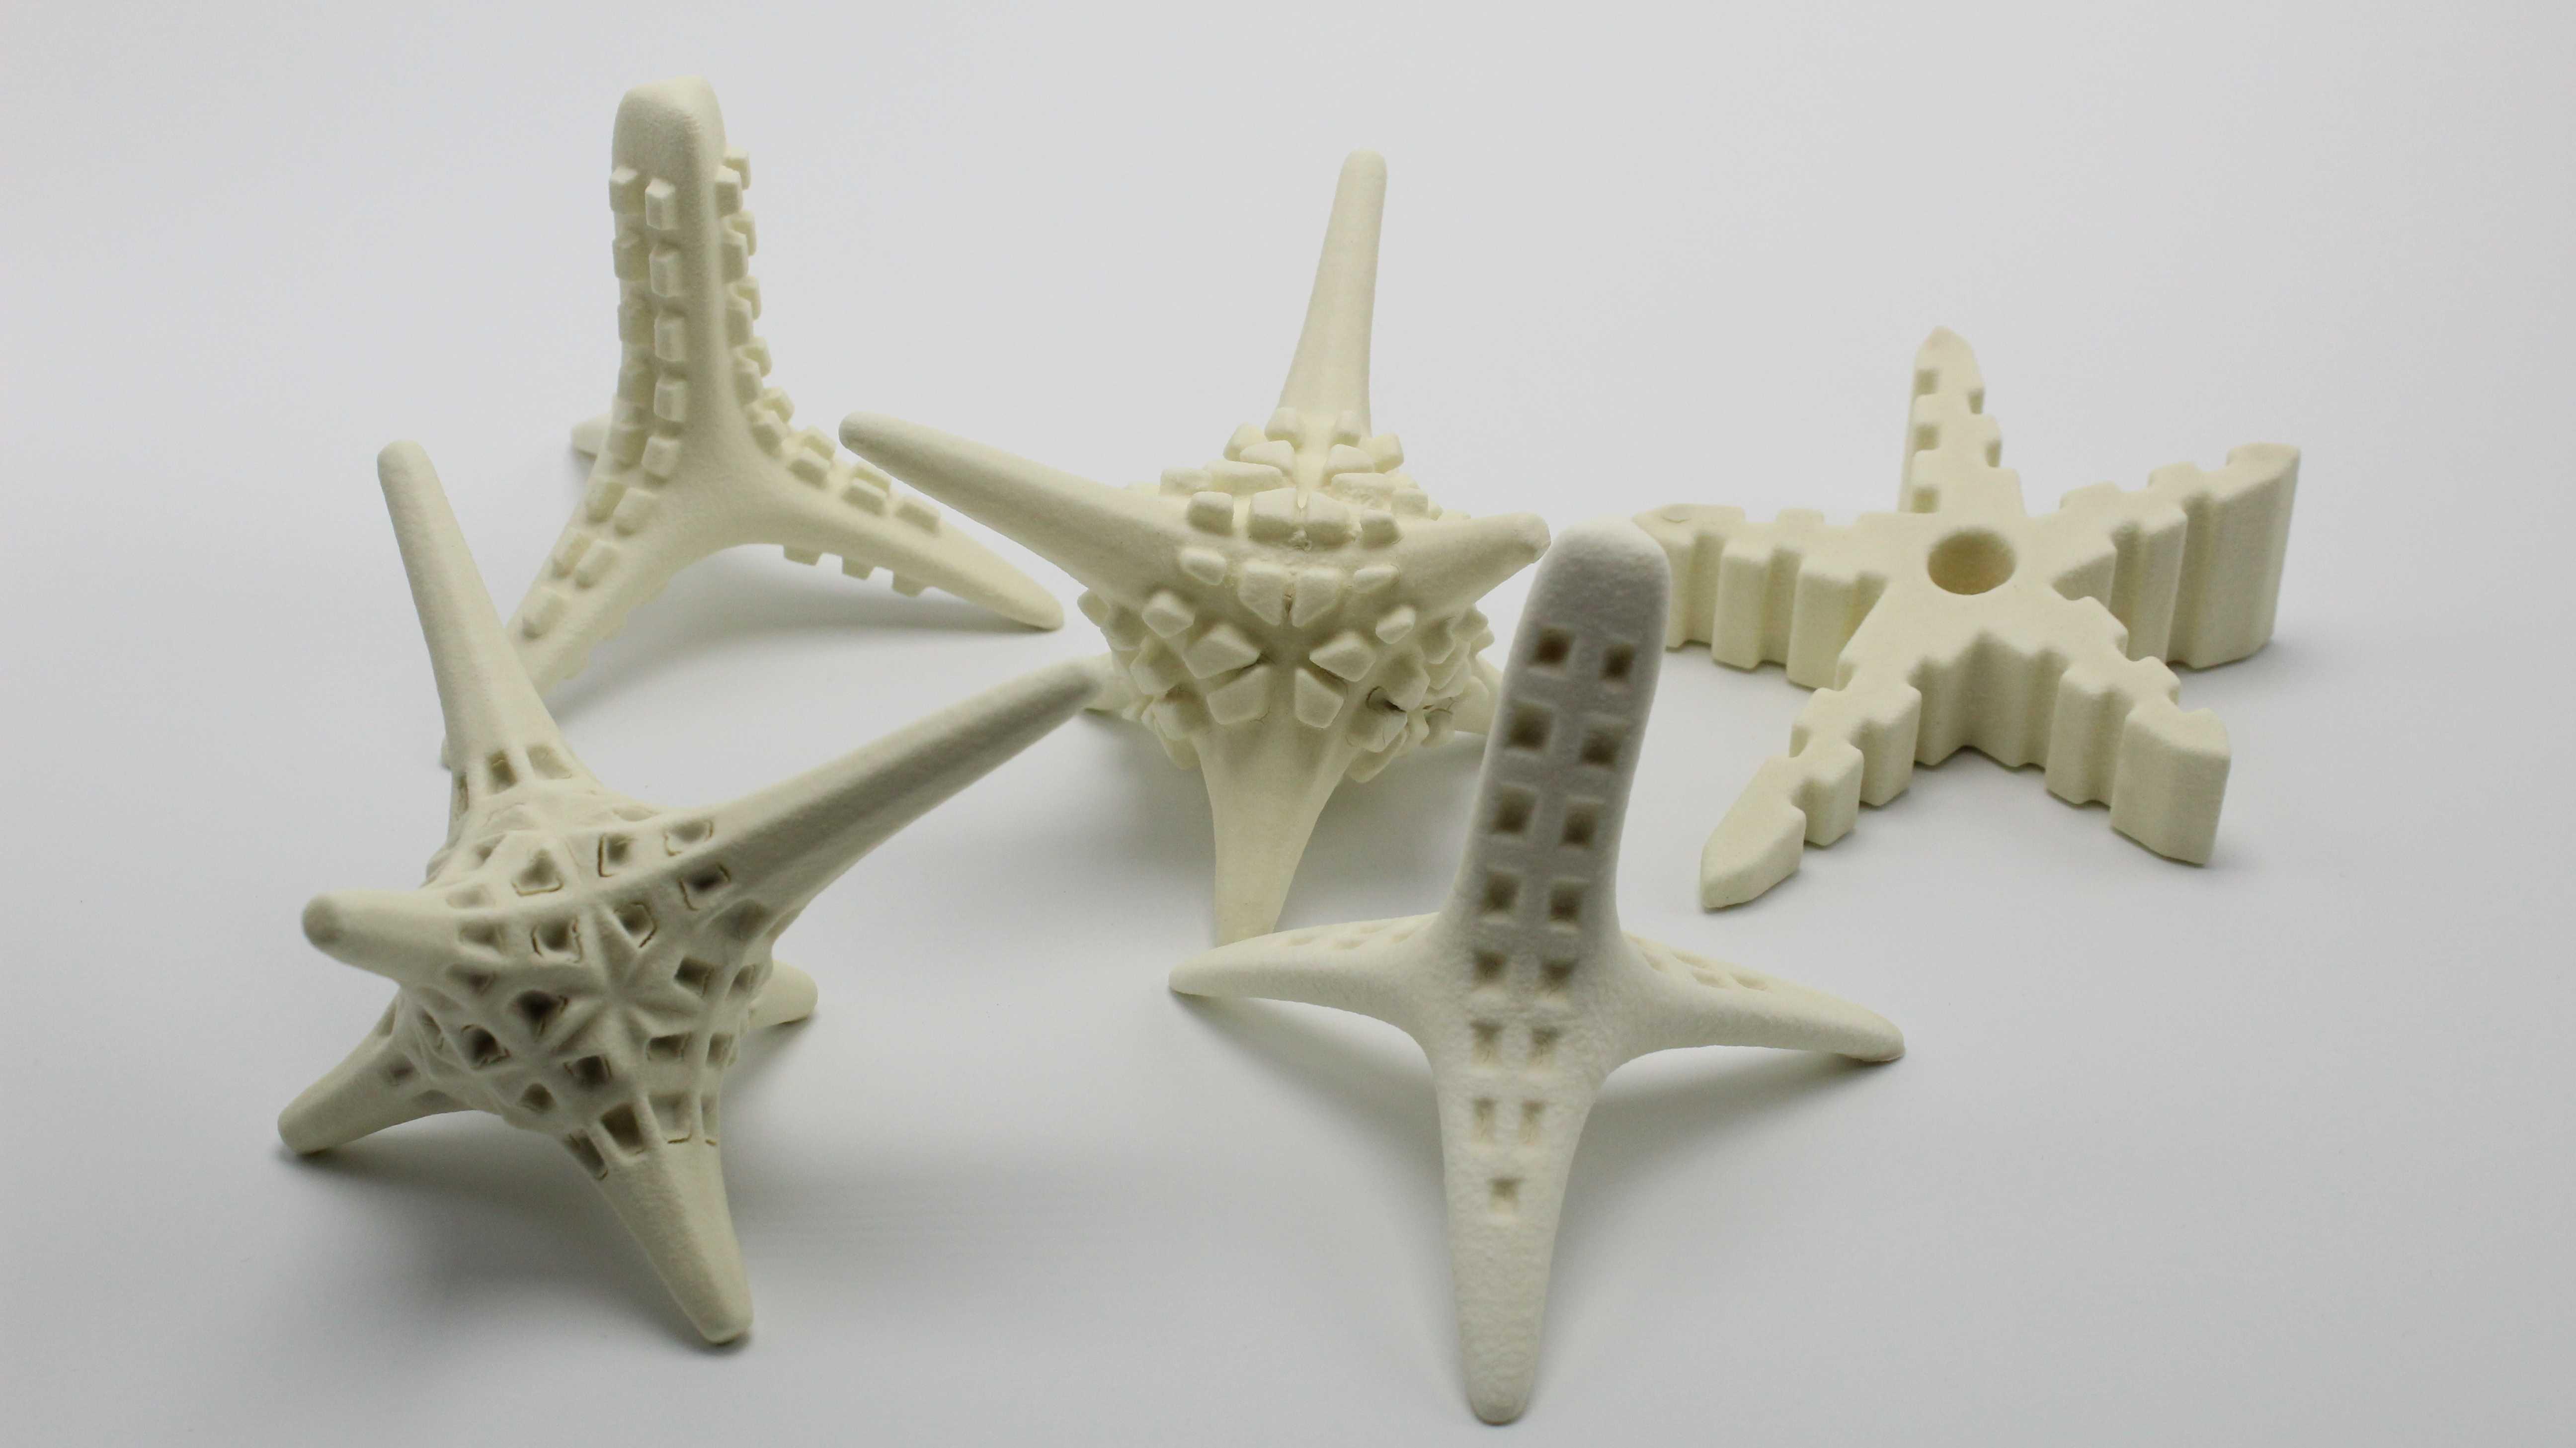 Korallensterben: Besiedlungsstrukturen aus dem 3D-Drucker sollen bei der Aufforstung helfen